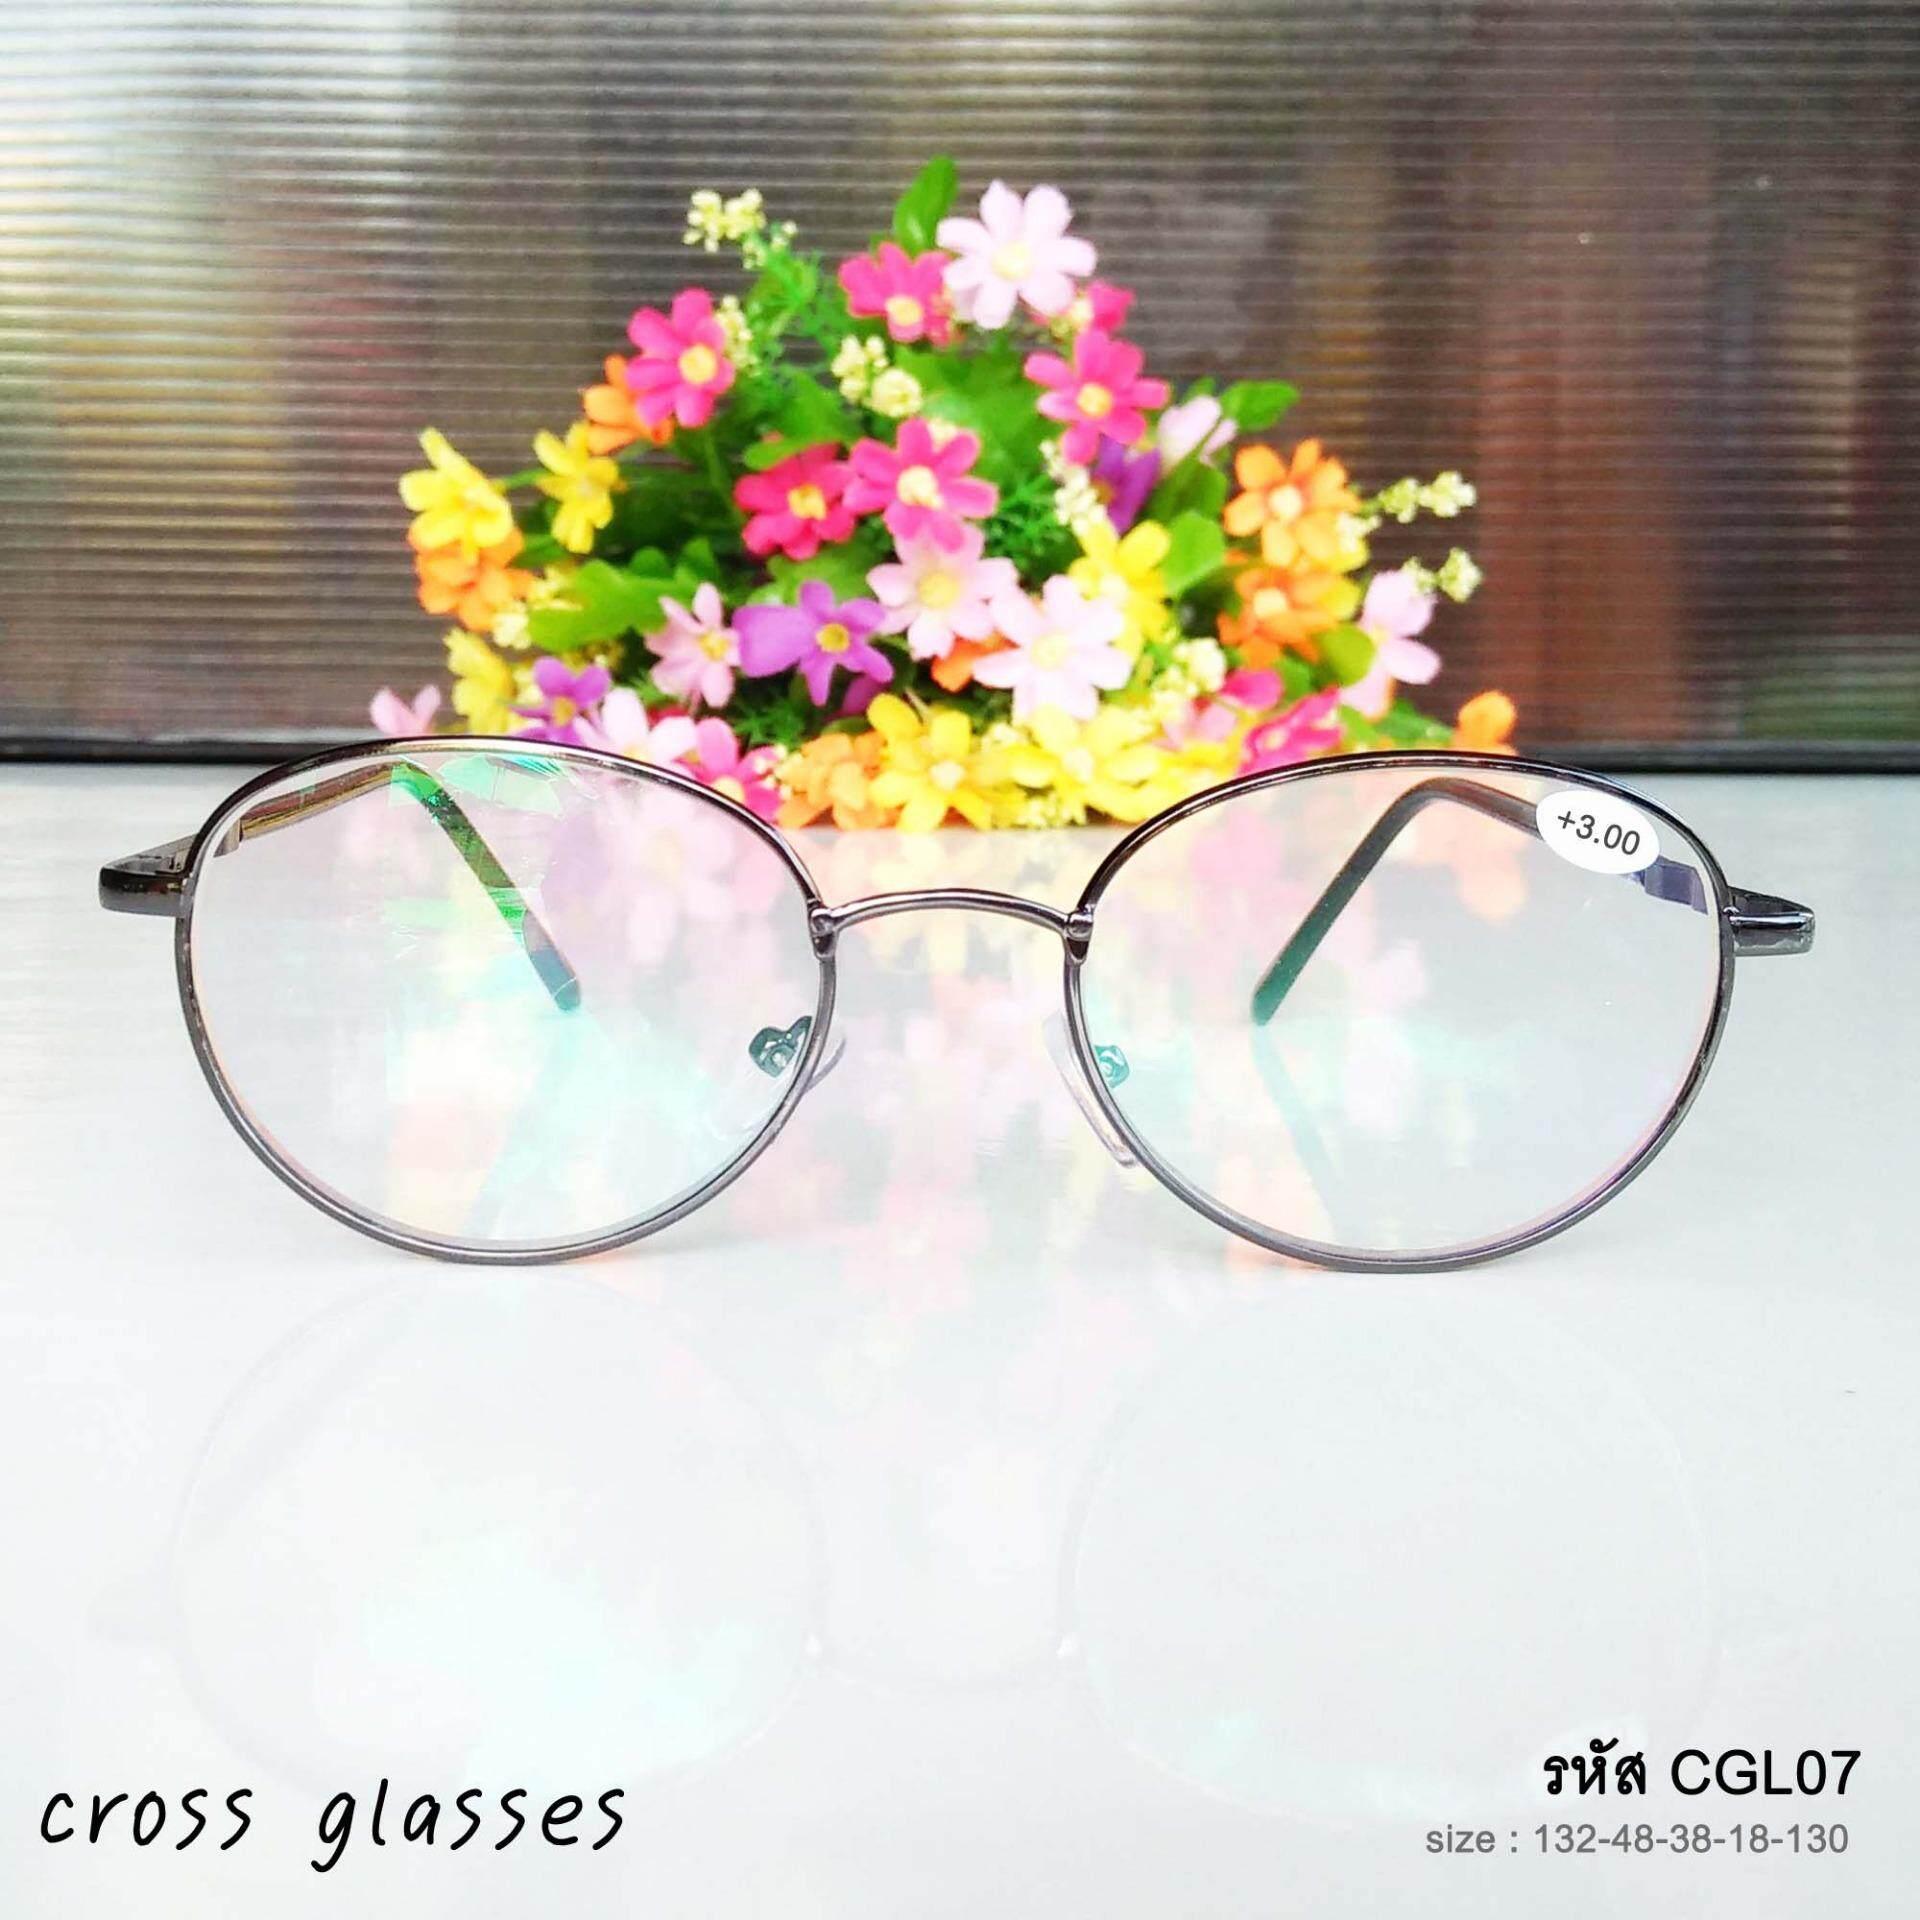 ขาย แว่นสายตายาว 3 00 เลนส์กรองแสง ทรงหยดน้ำ รหัส Cgl07 Rattana ออนไลน์